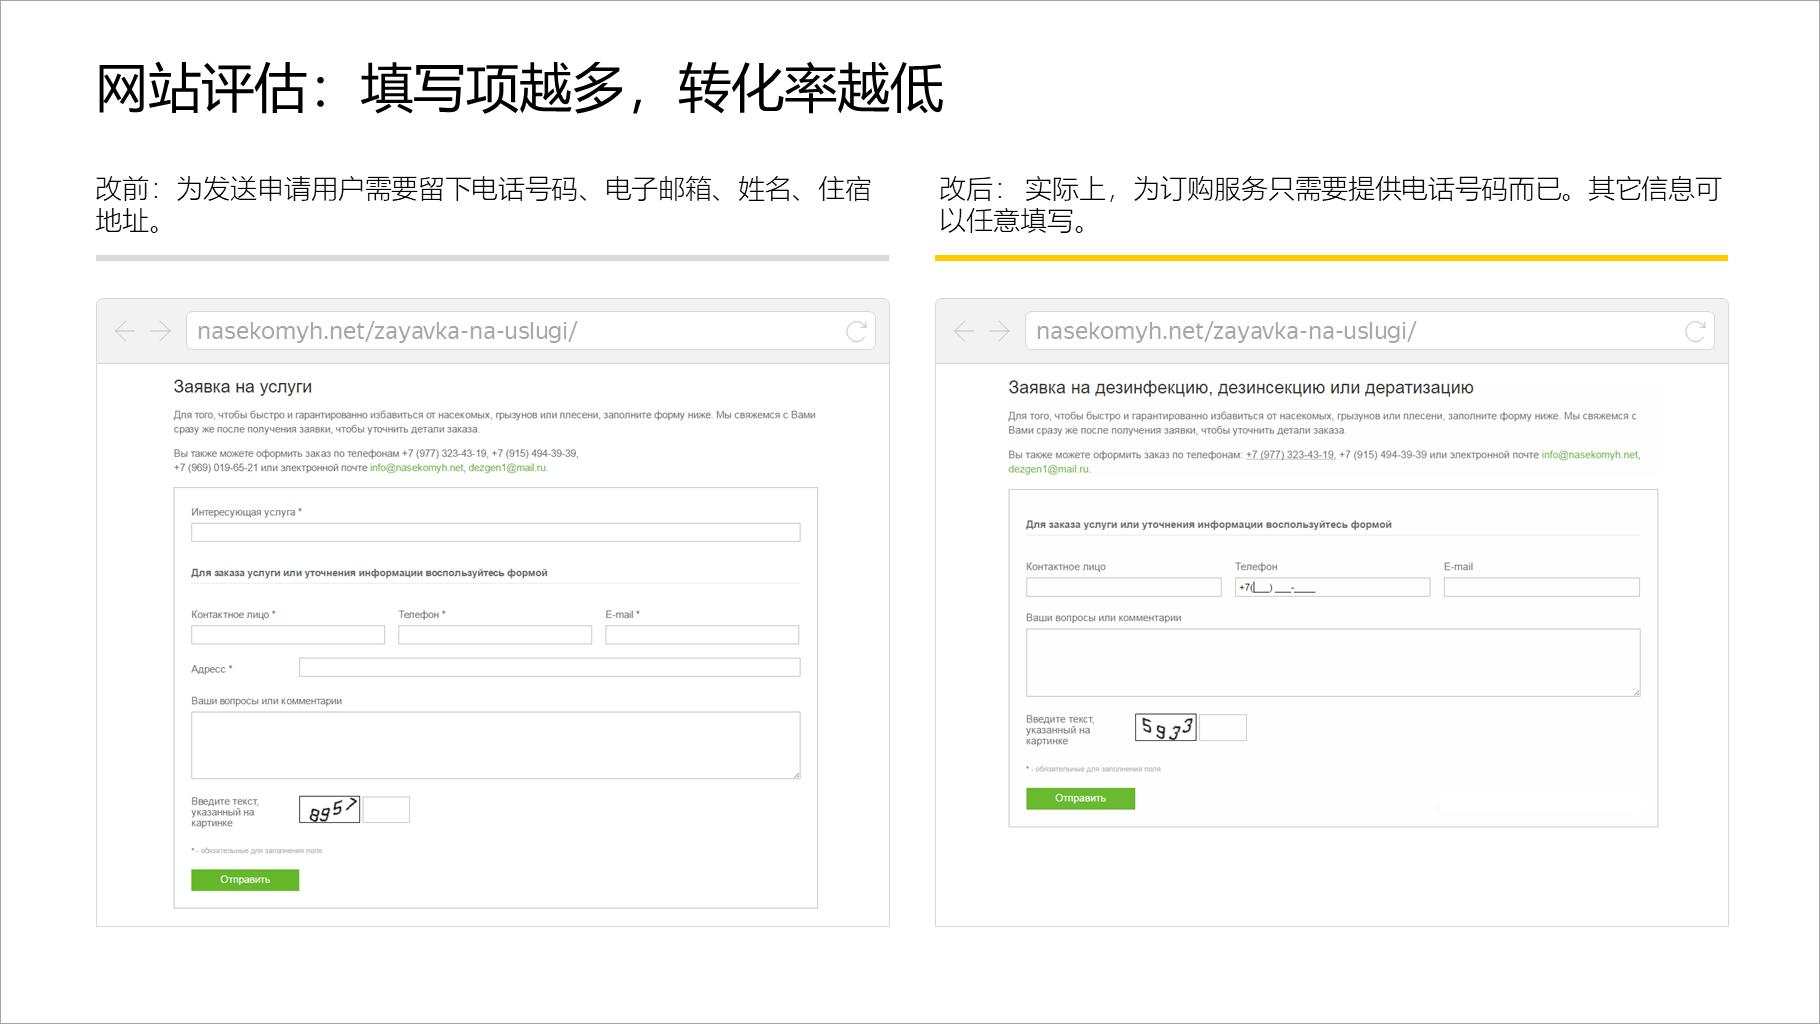 网站评估:填写项越多,转化率越低